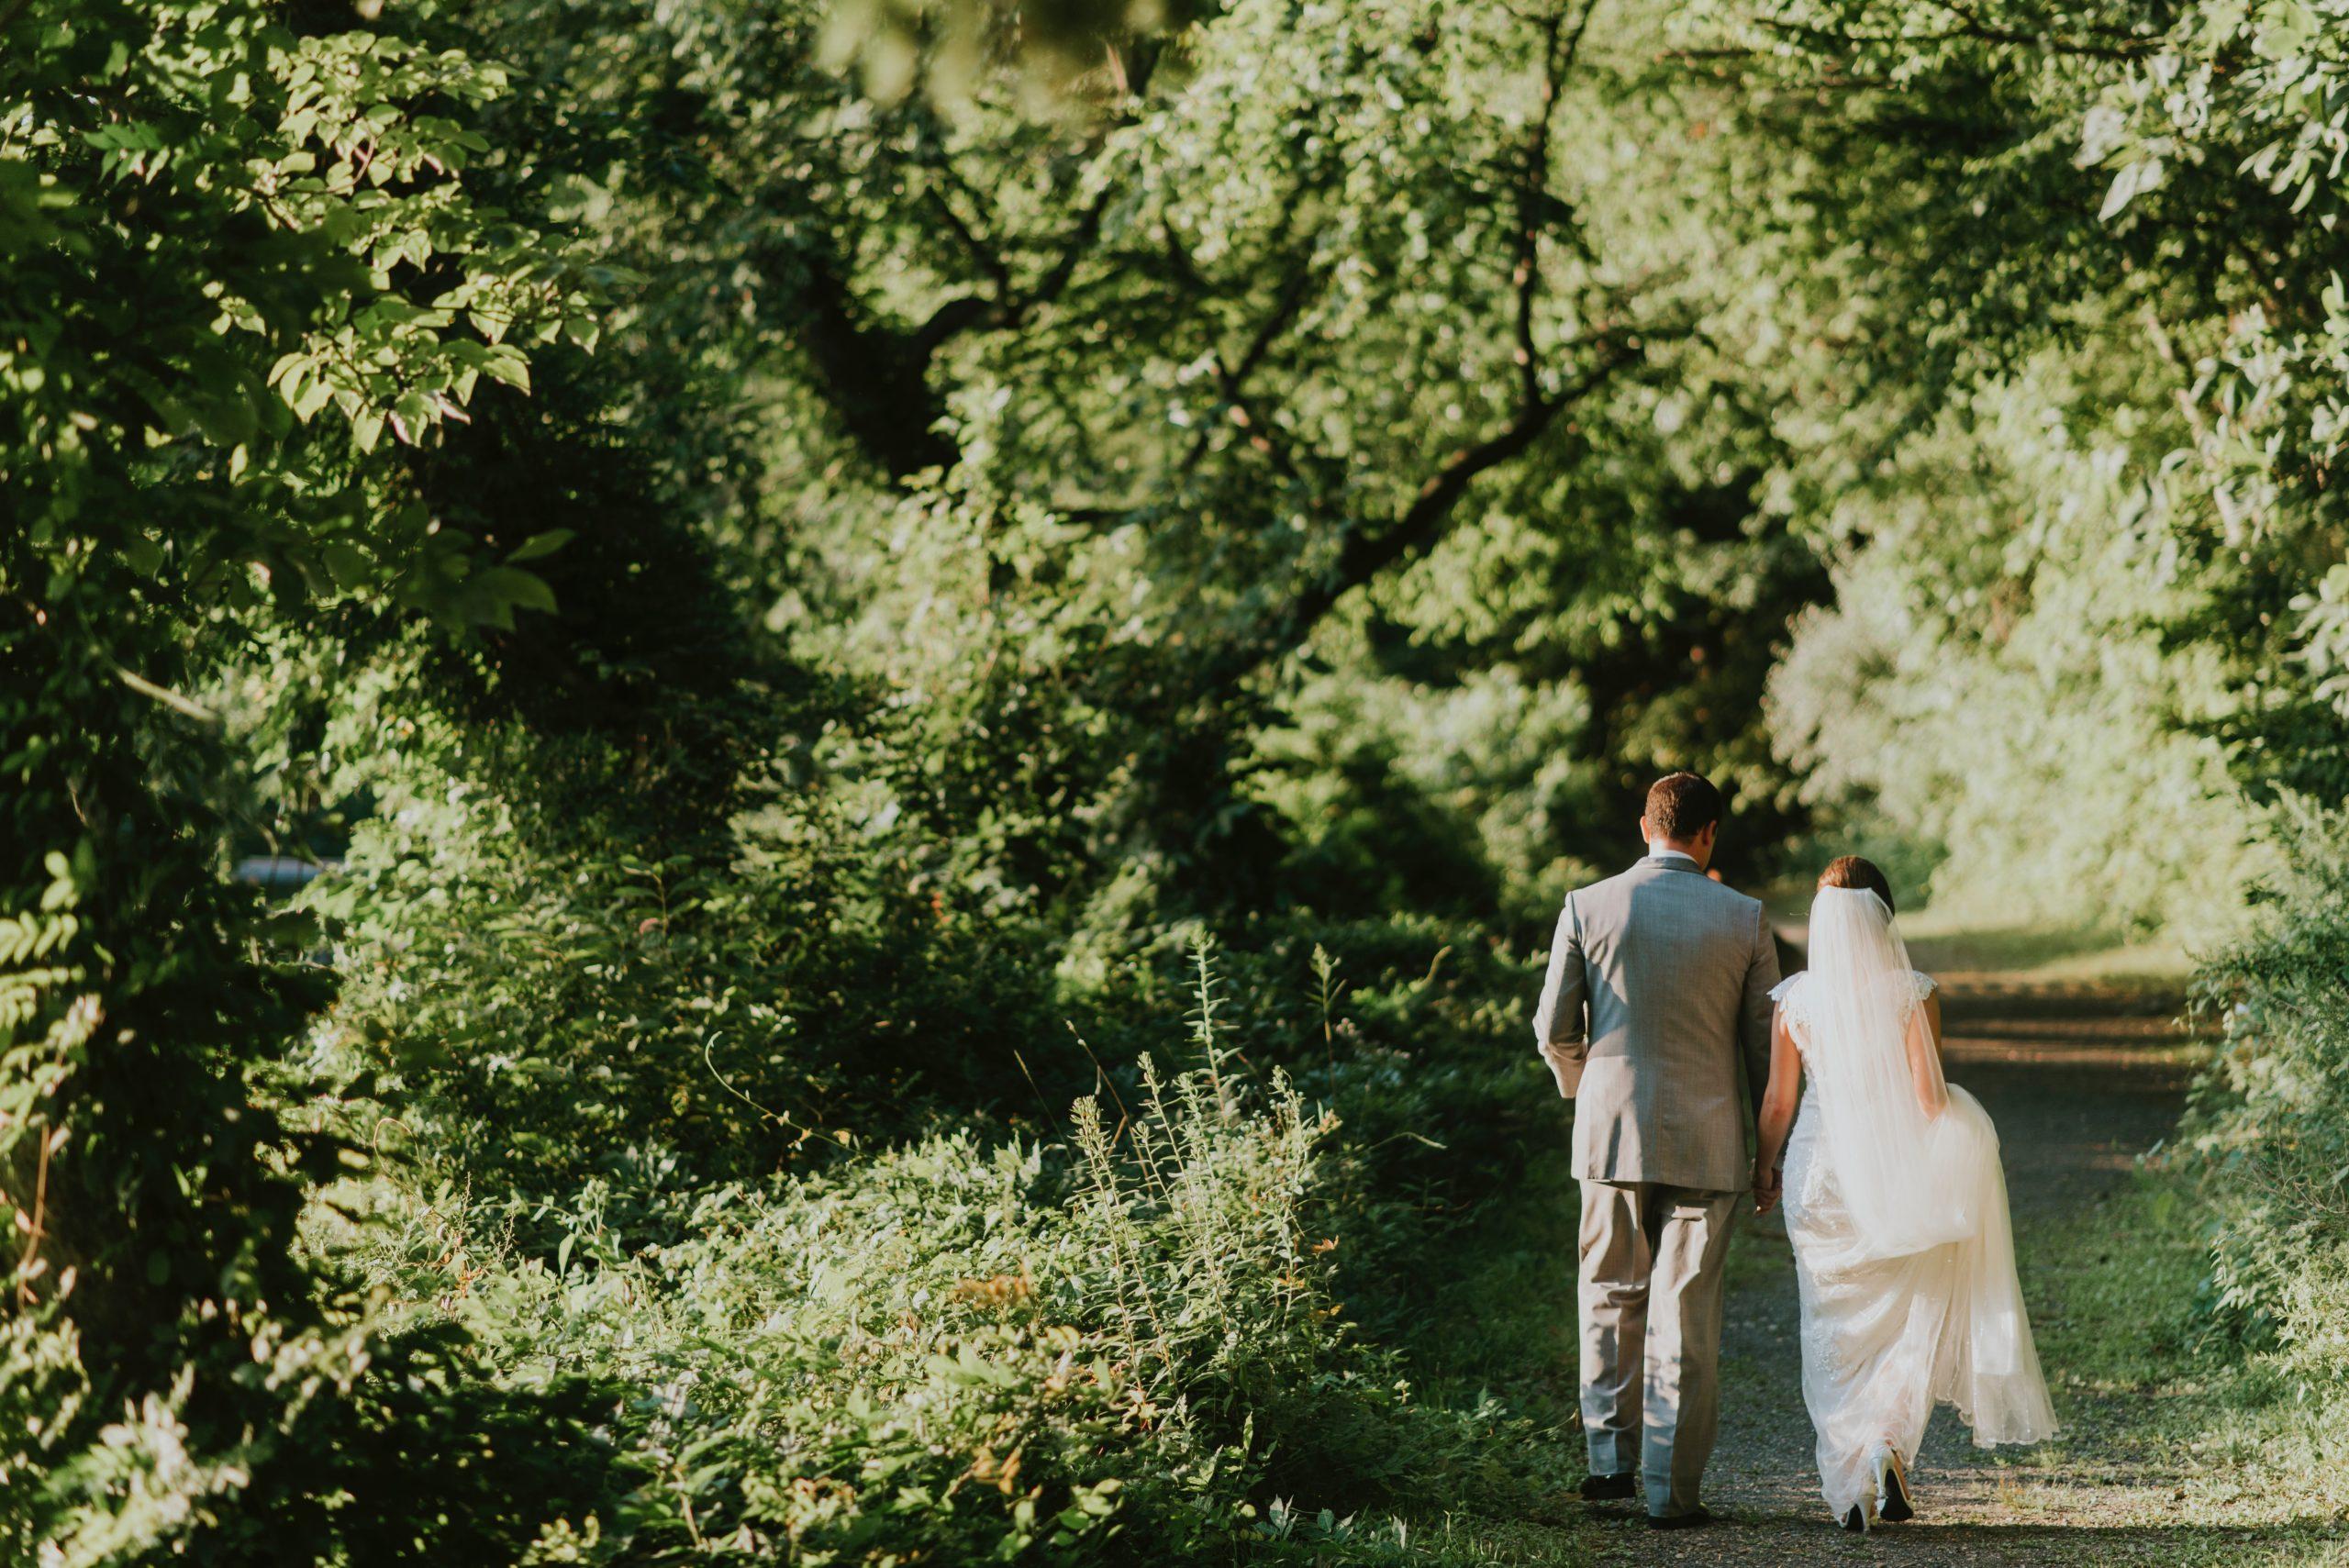 フリーター同士で結婚していい3つの条件【2人で幸せに生きてく方法】